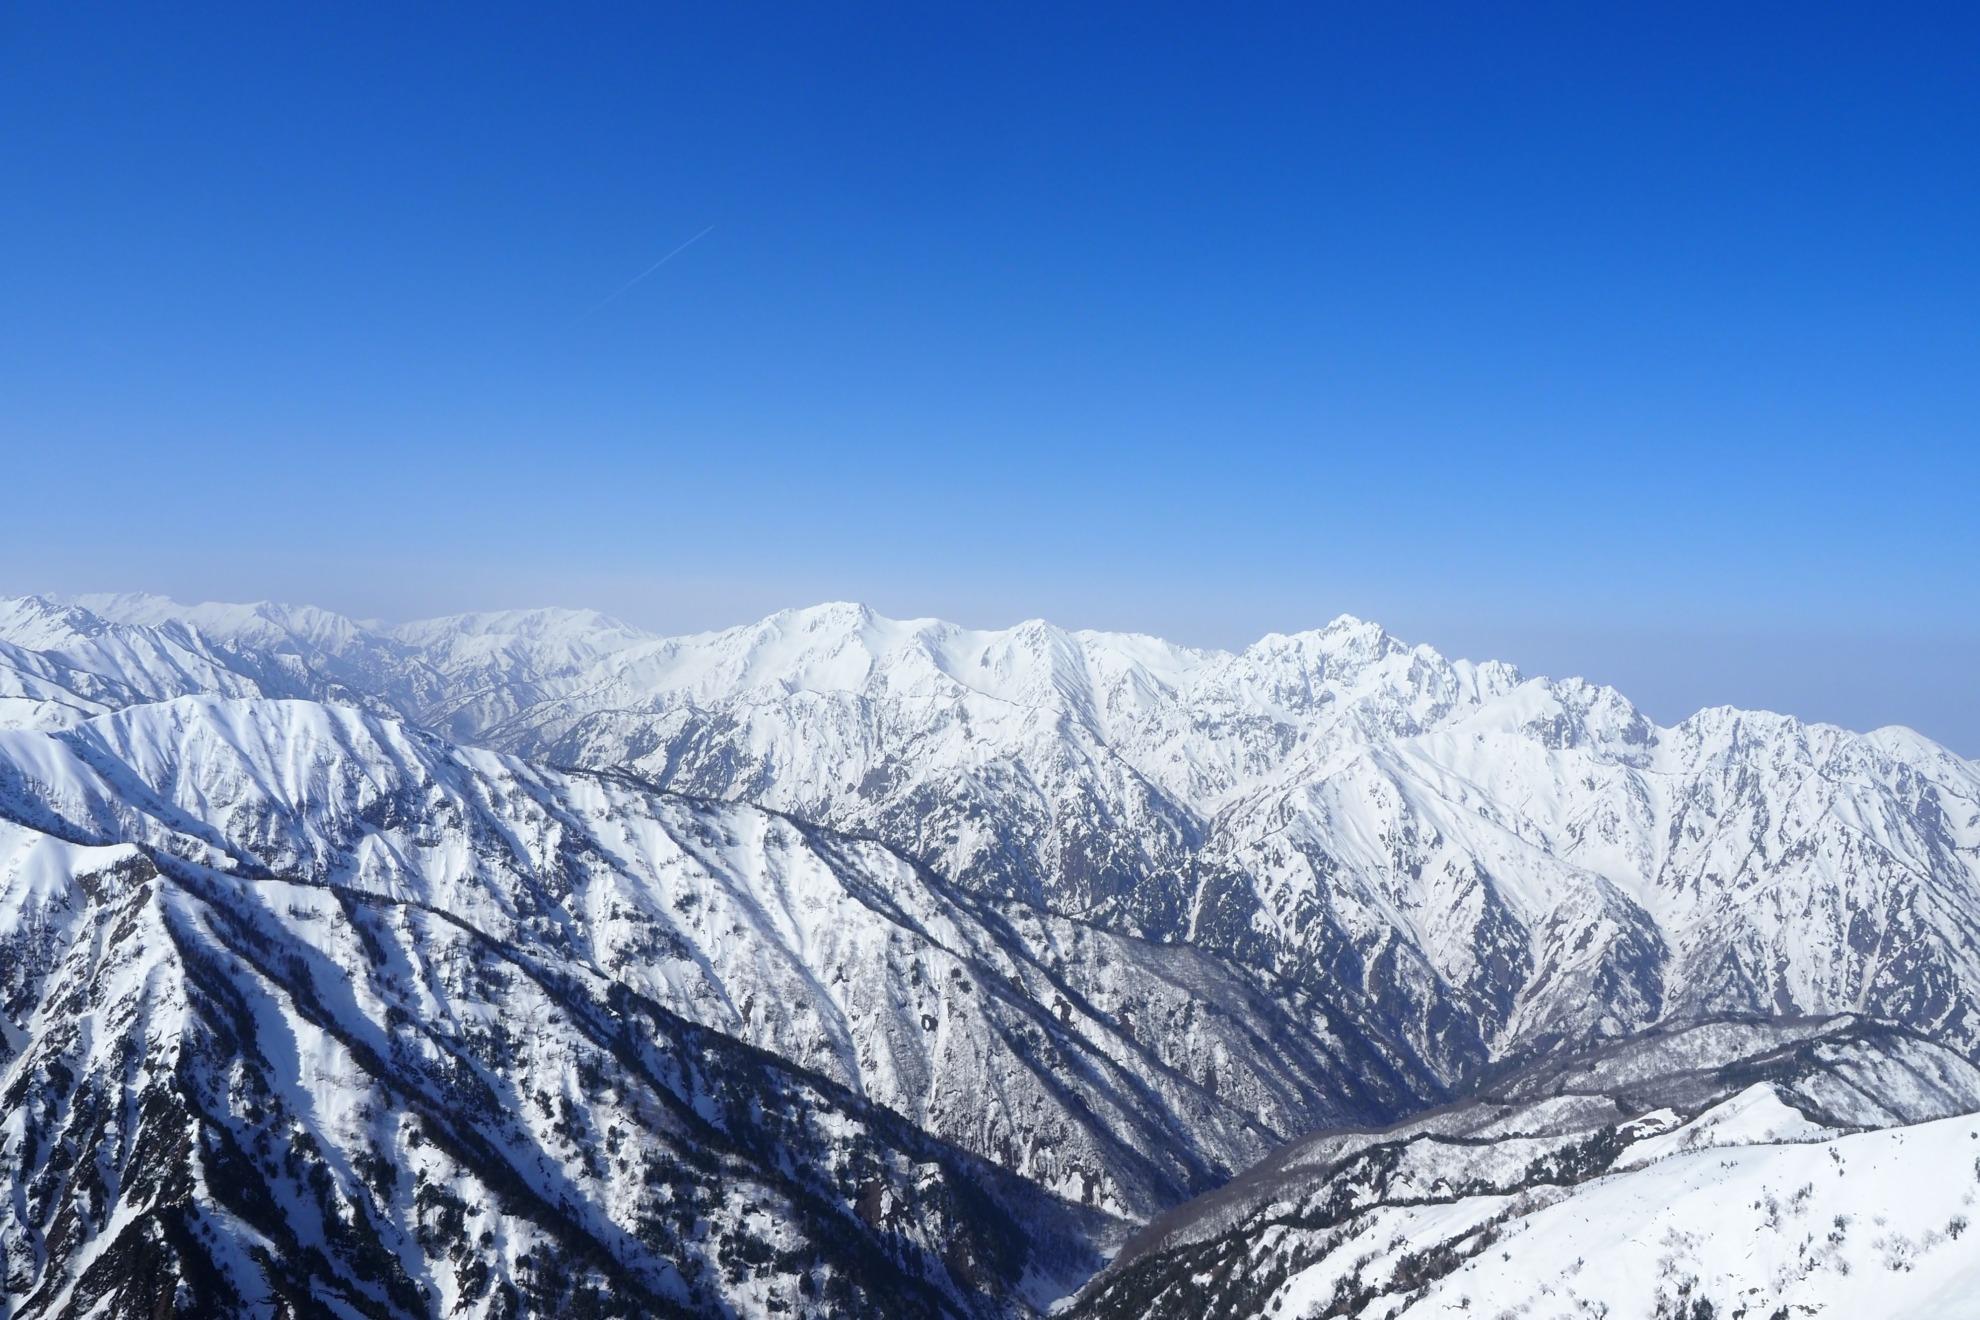 雪の五竜岳から立山と剱岳